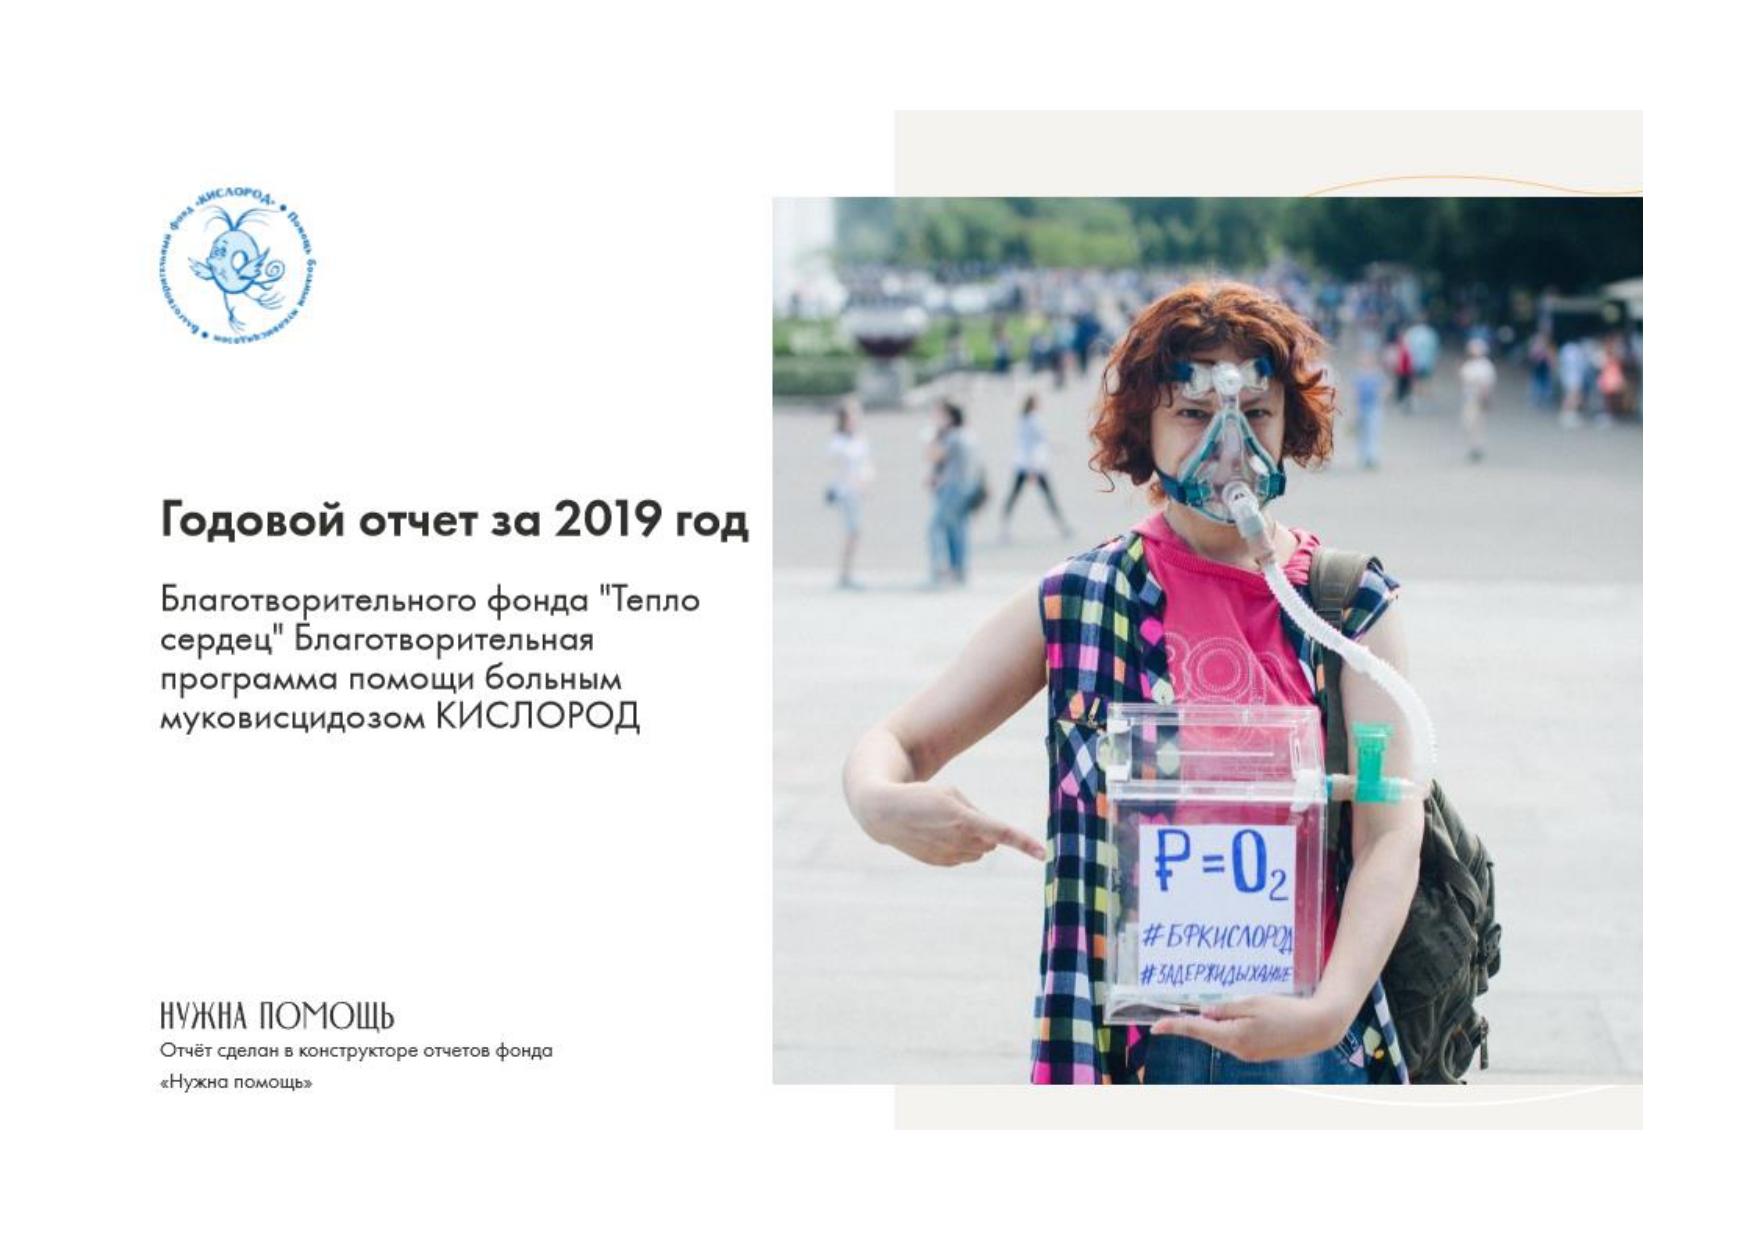 Годовой отчет за 2019 год